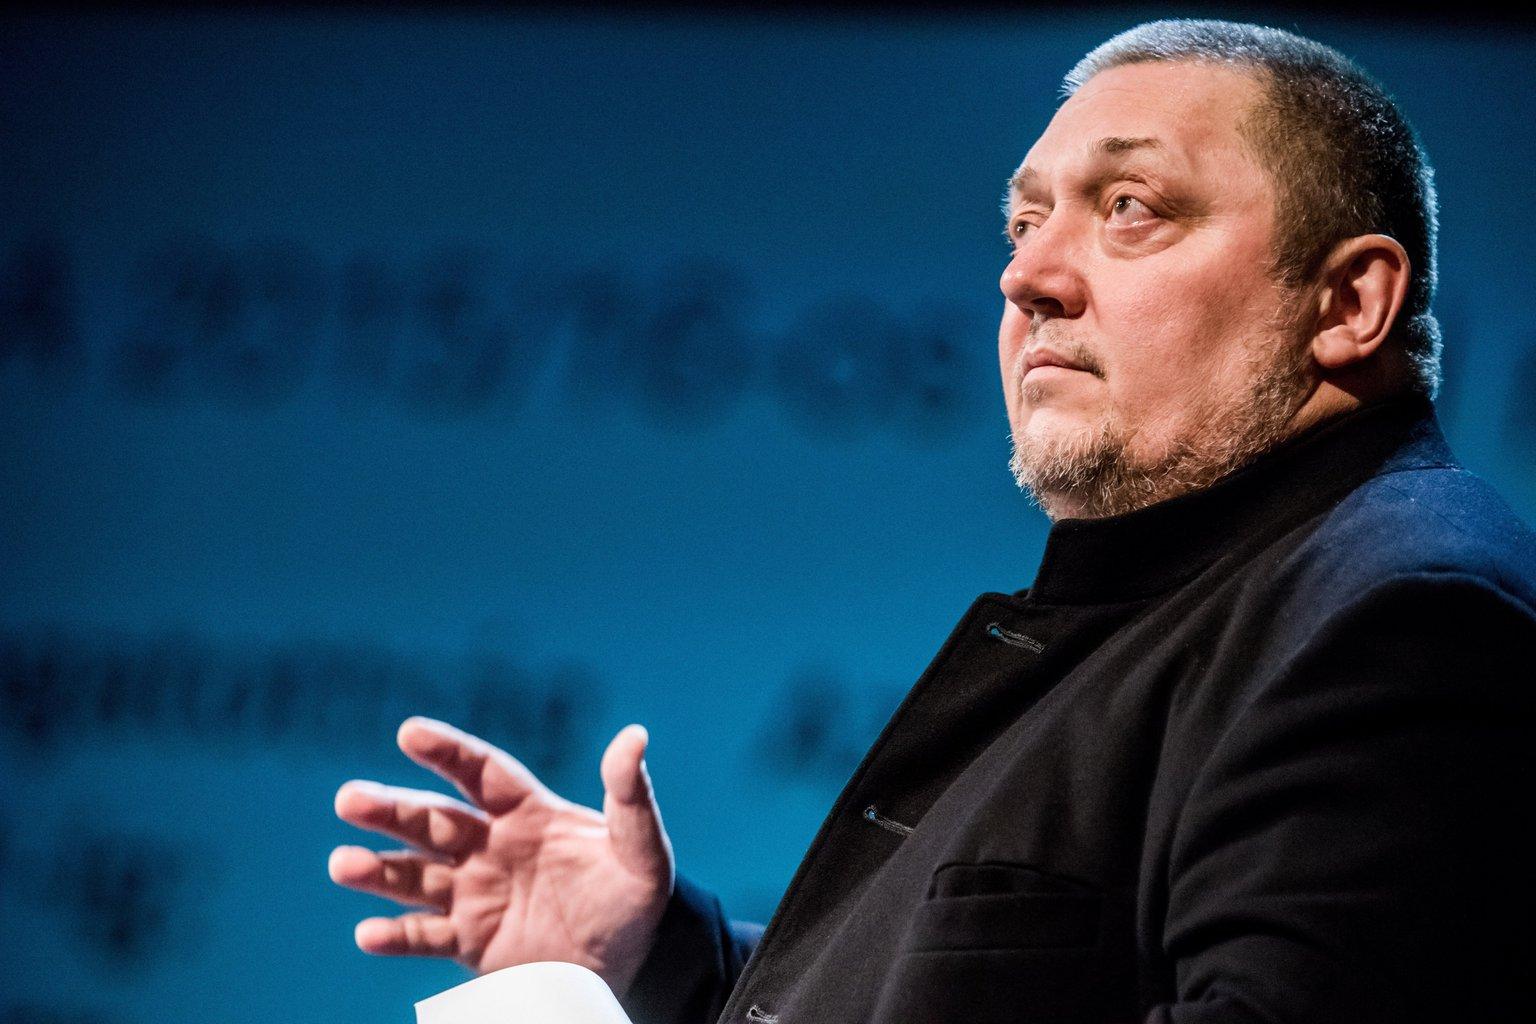 Vidnyanszky Attila sznhaz es filmmuveszeti egyetem szinmuveszeti nemzeti szinhaz